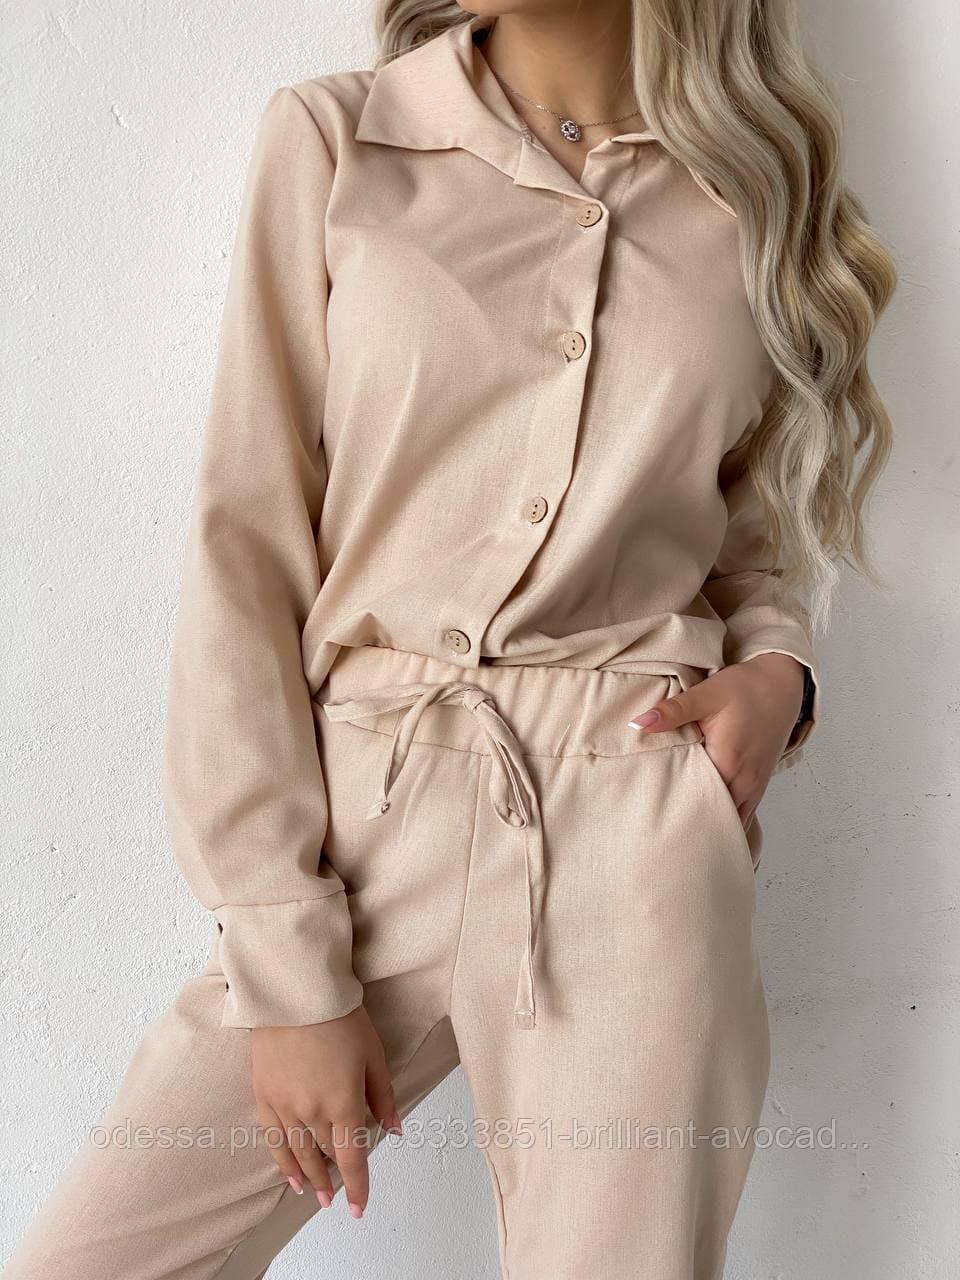 Женский модный льняной костюм рубашка и штаны